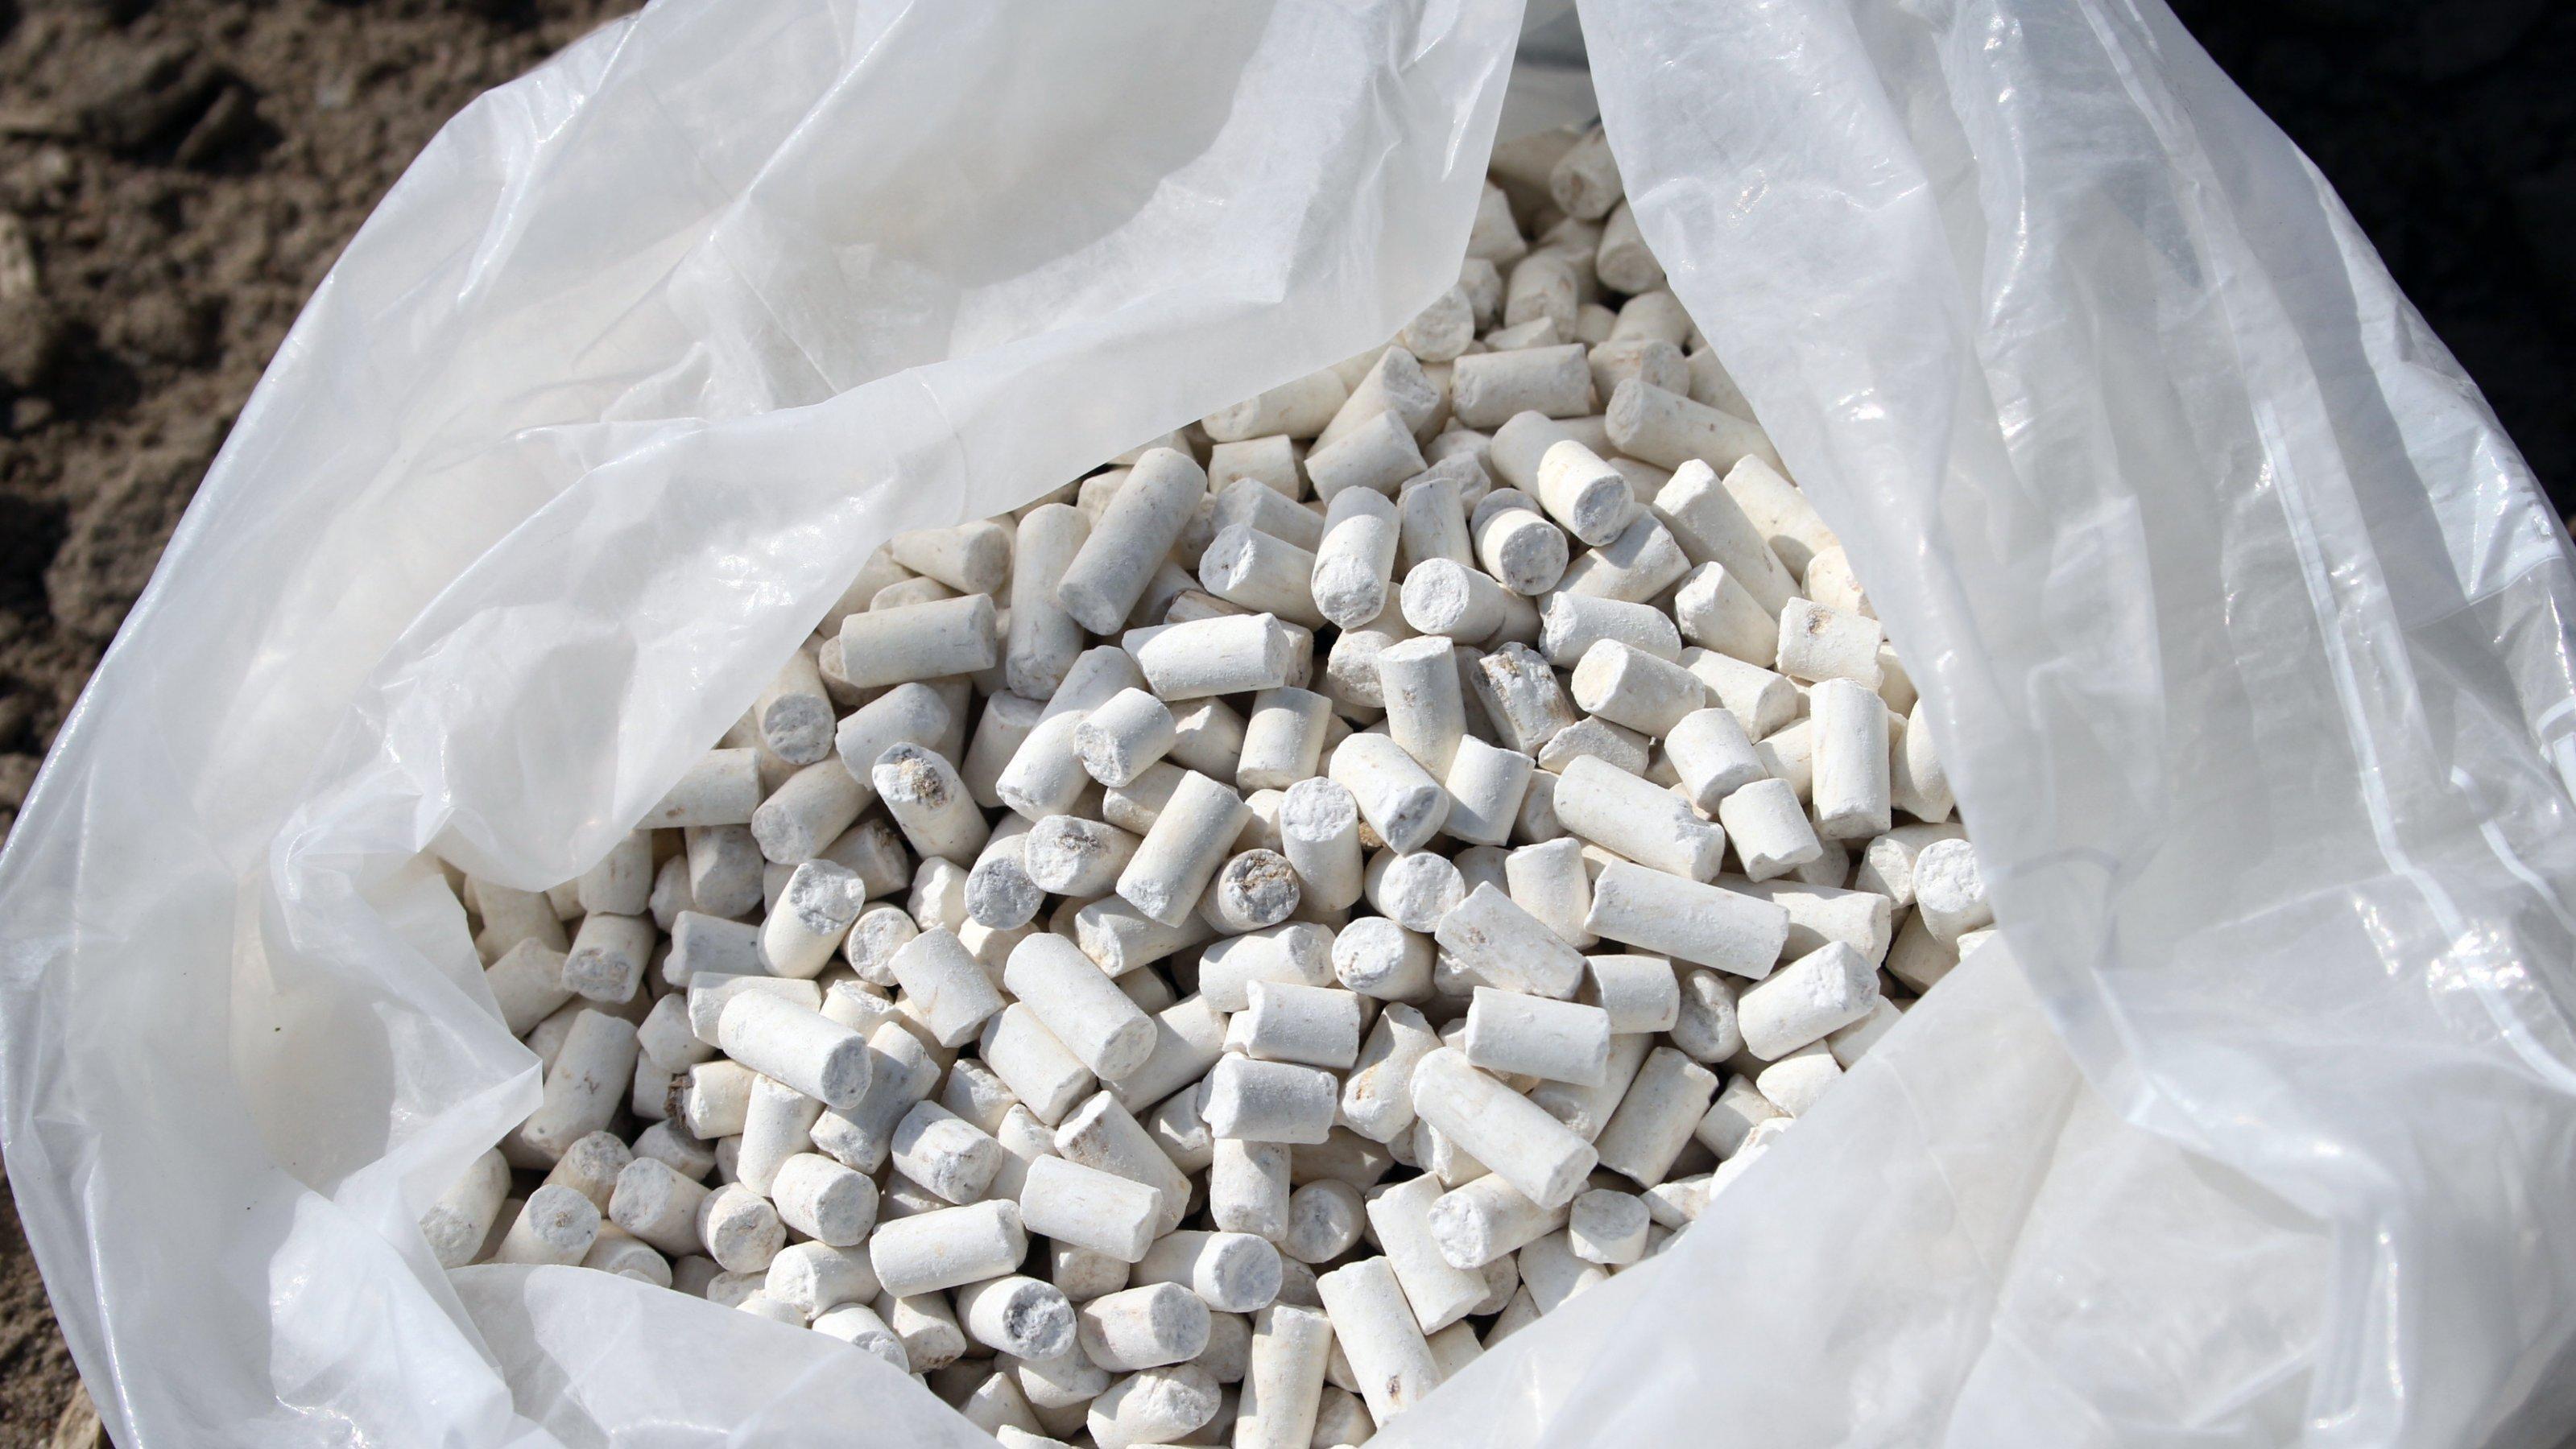 Weiße Struvit-Pellets in einem Plasiksack